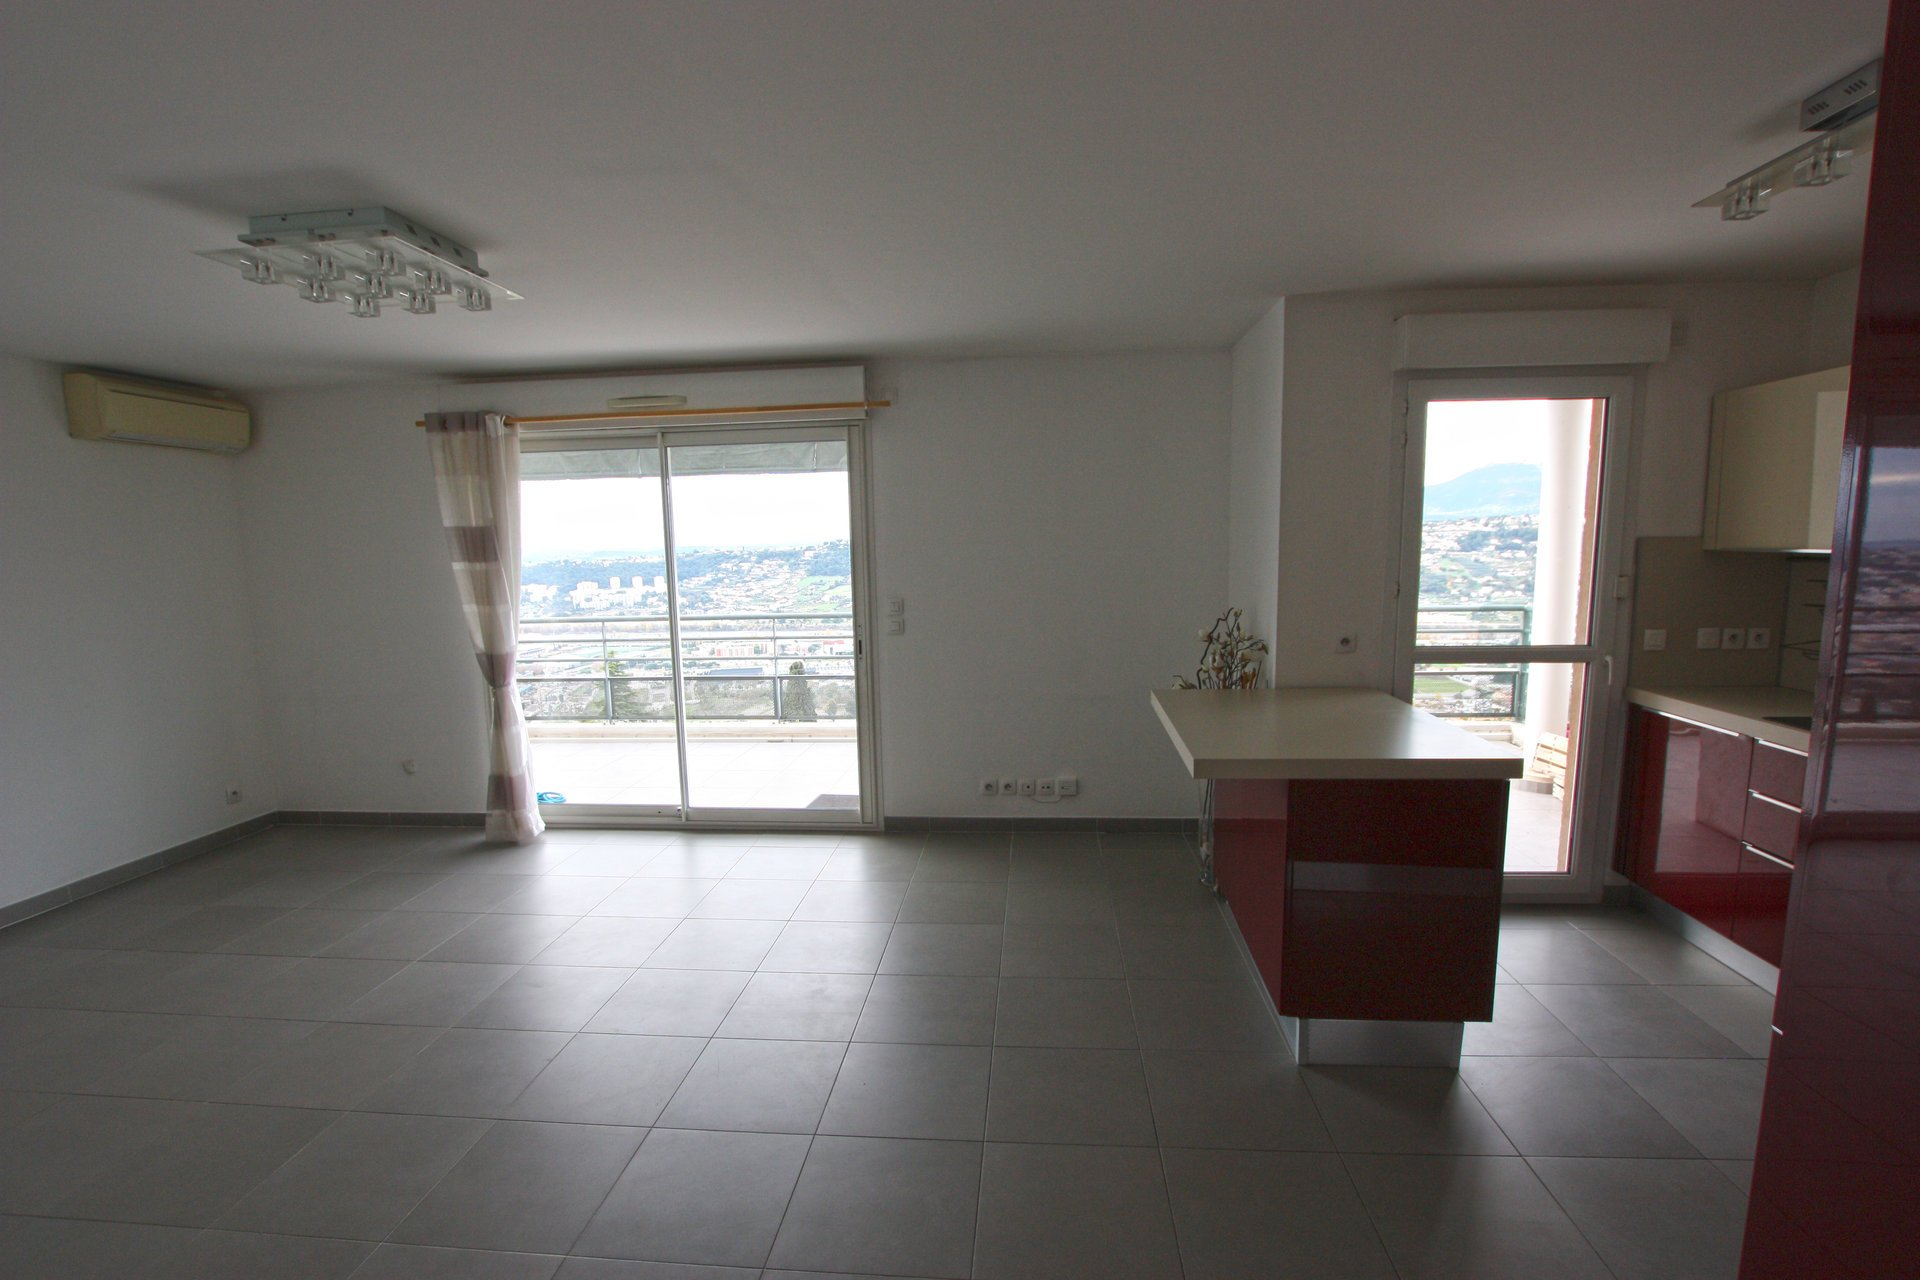 F4 - Dernier étage - Terrasse - Vue panoramique mer et montagne